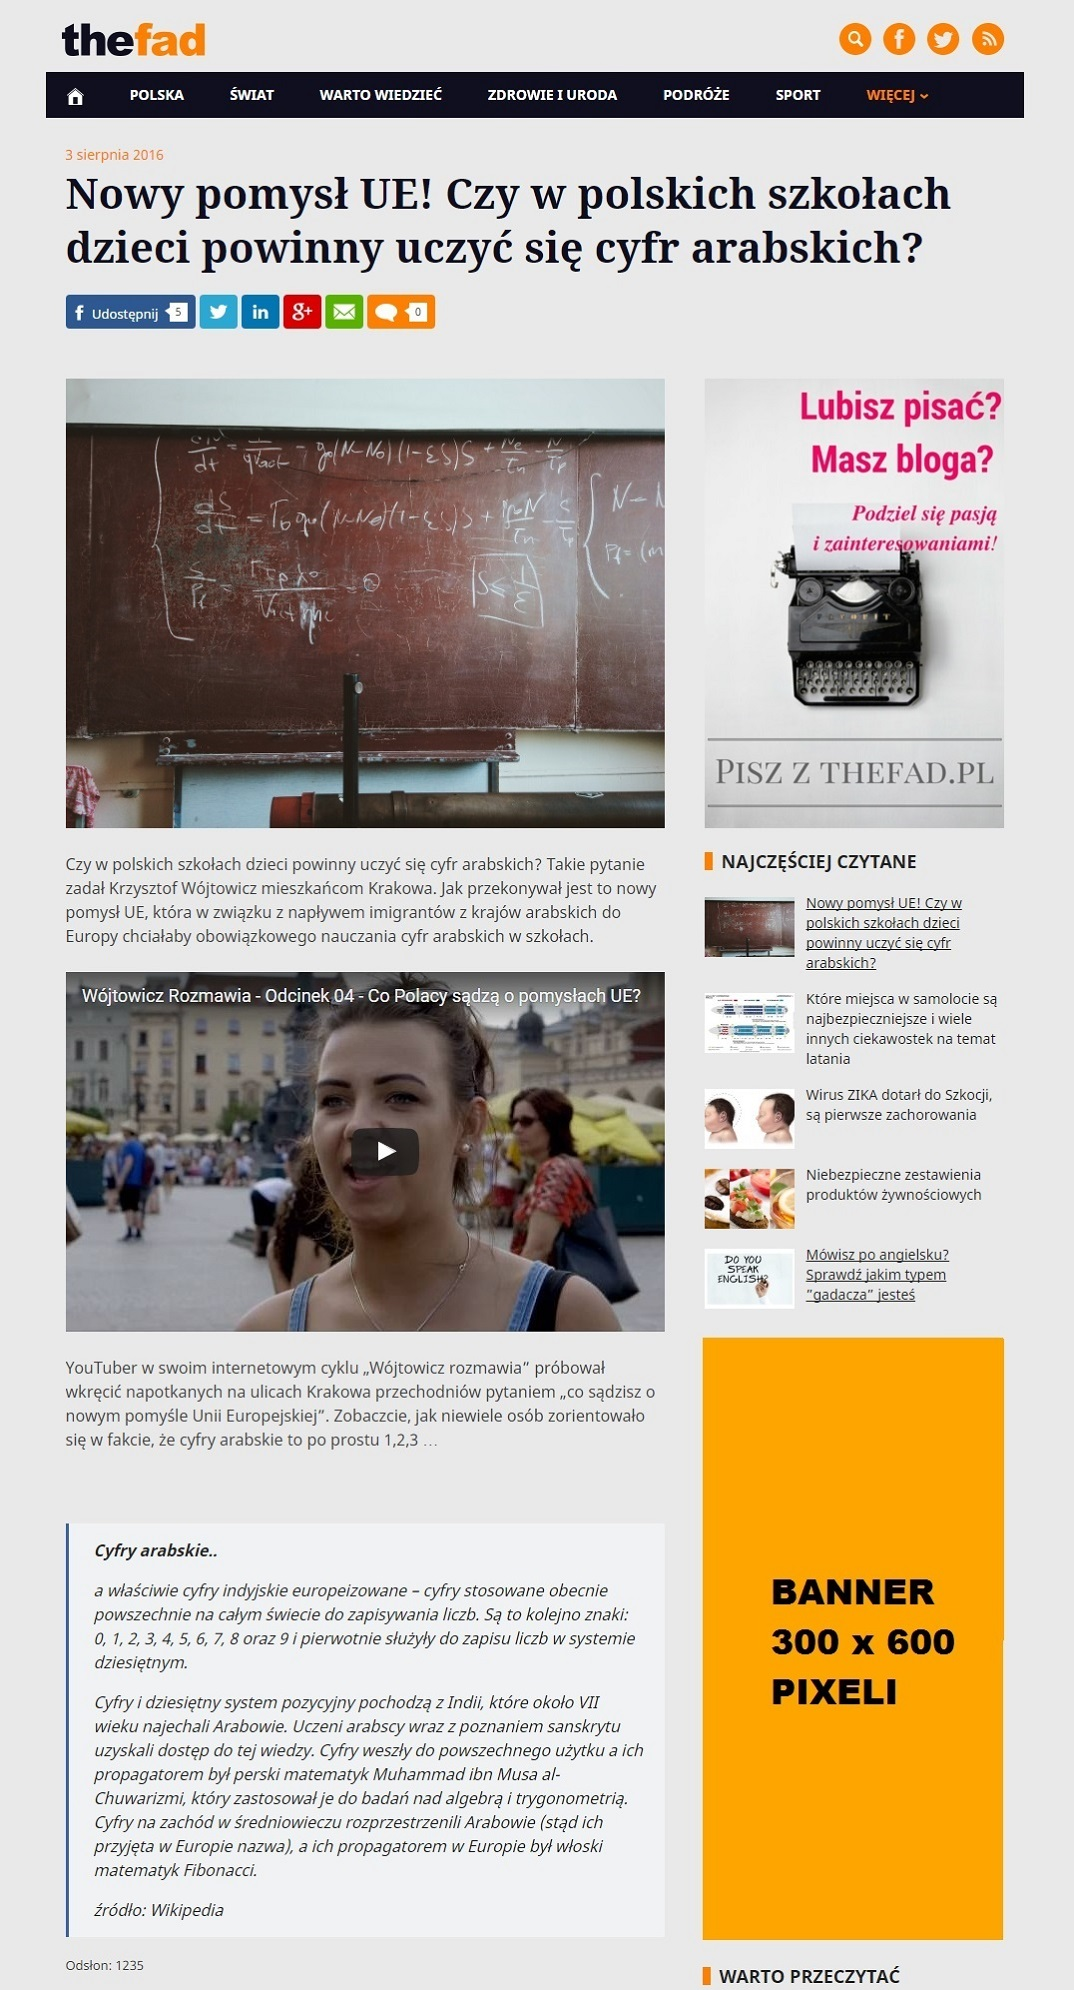 Biuro reklamy TheFad.pl - Wizualizacja reklam, banery 300x600